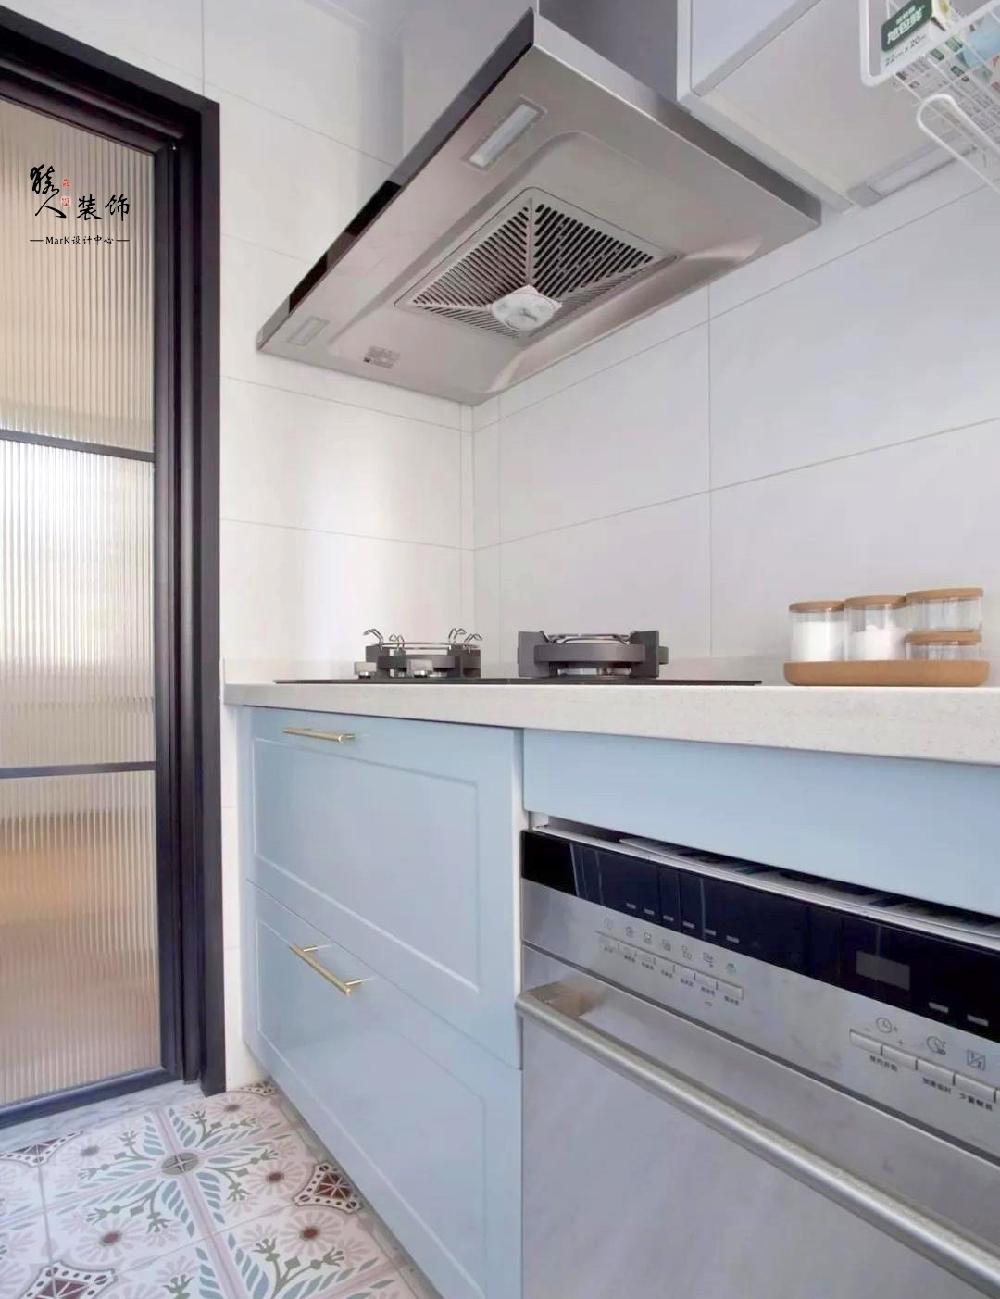 110㎡北欧三室,玄关、电视墙,巧妙实用14364135